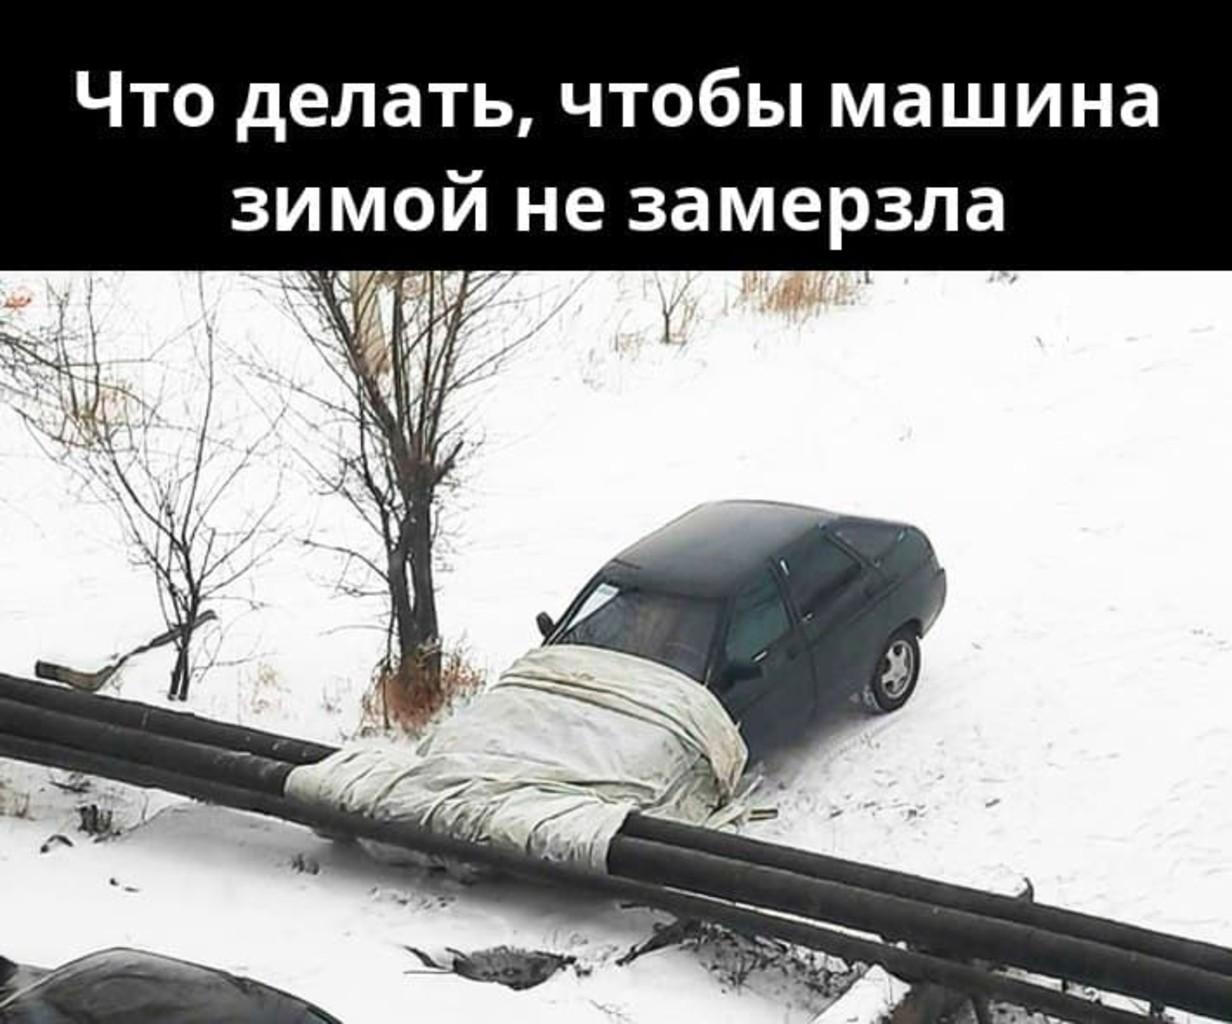 Avto1